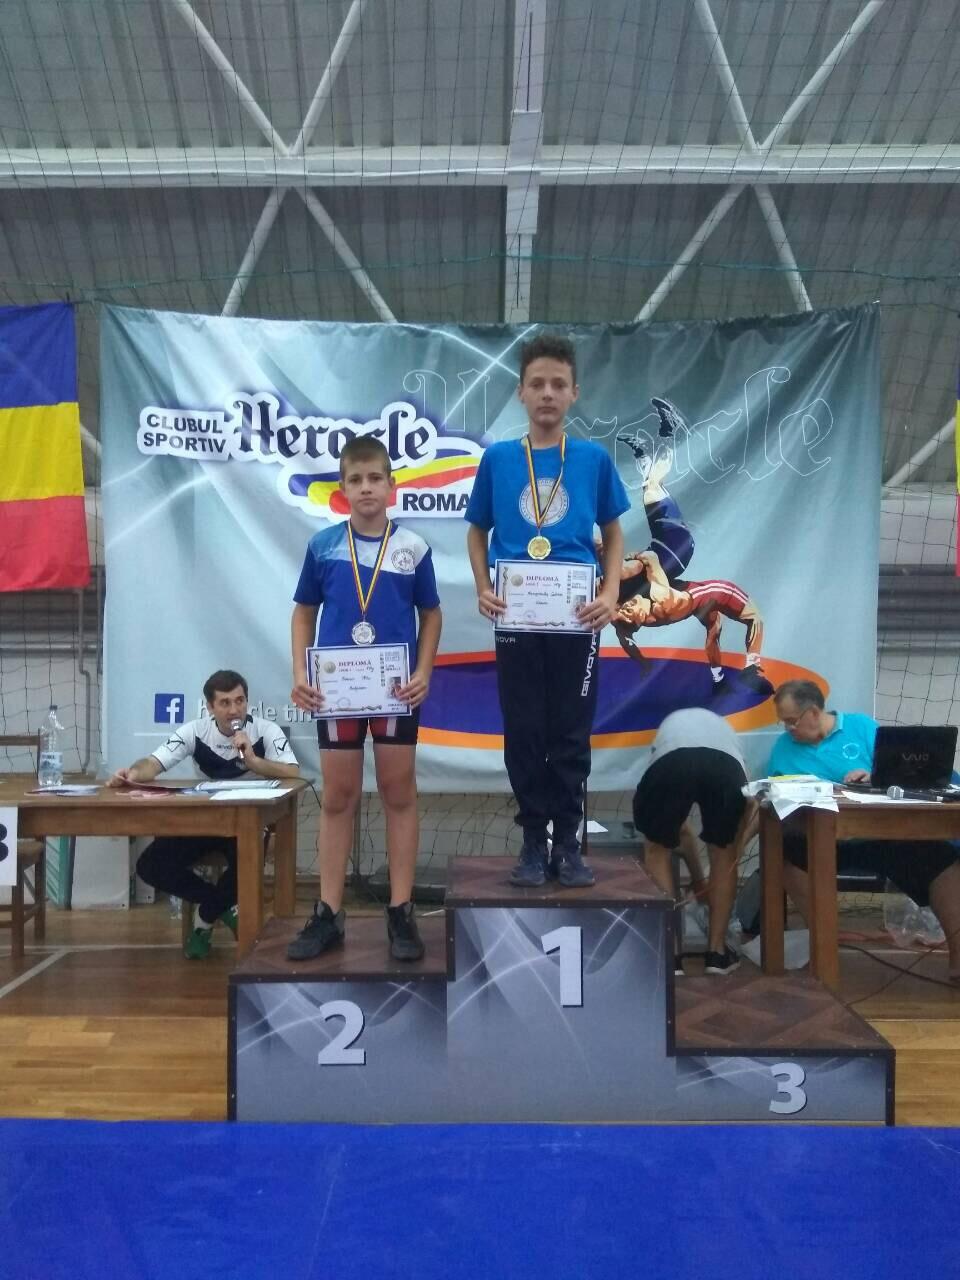 Χρυσό μετάλλιο στην Ρουμανία ο Σωτήρης Μπακόπουλος